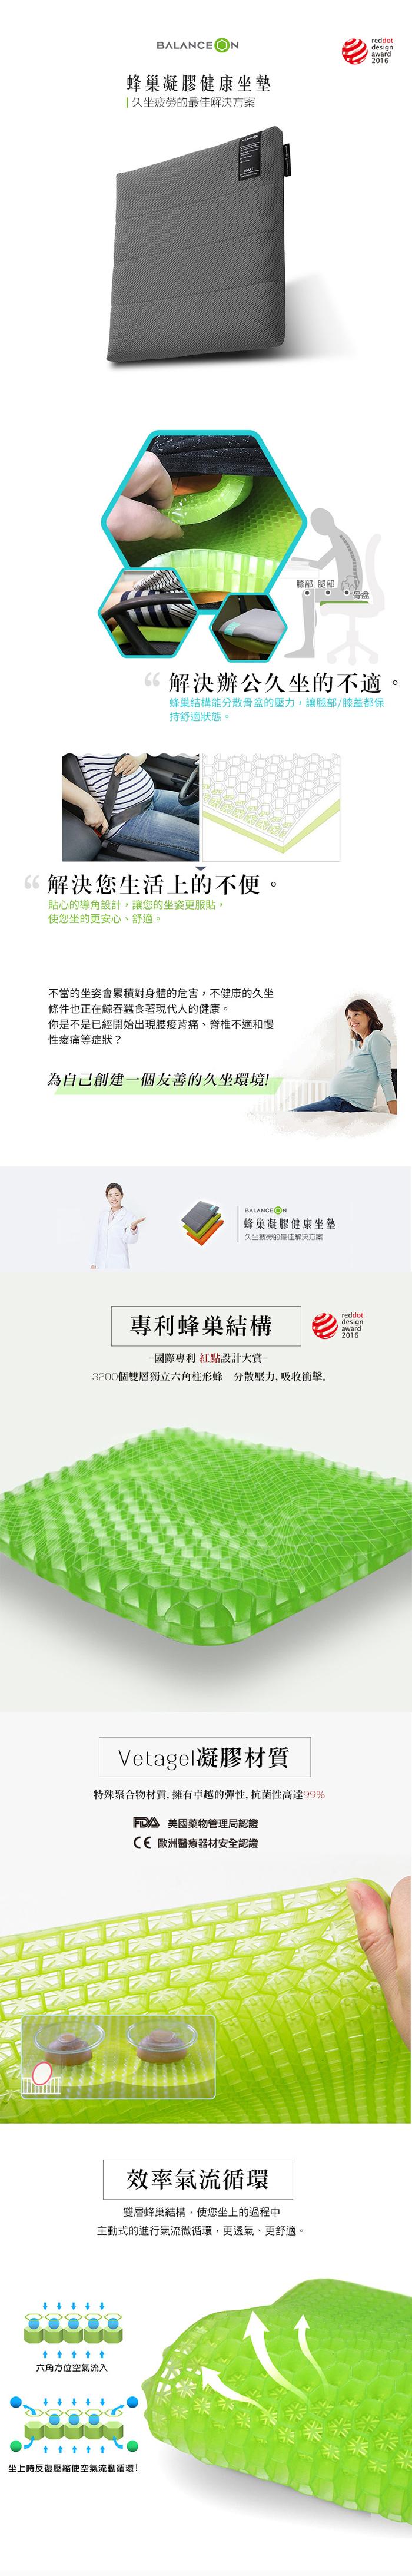 倍力舒 | Balanceon 蜂巢凝膠健康坐墊-綠色(M號)